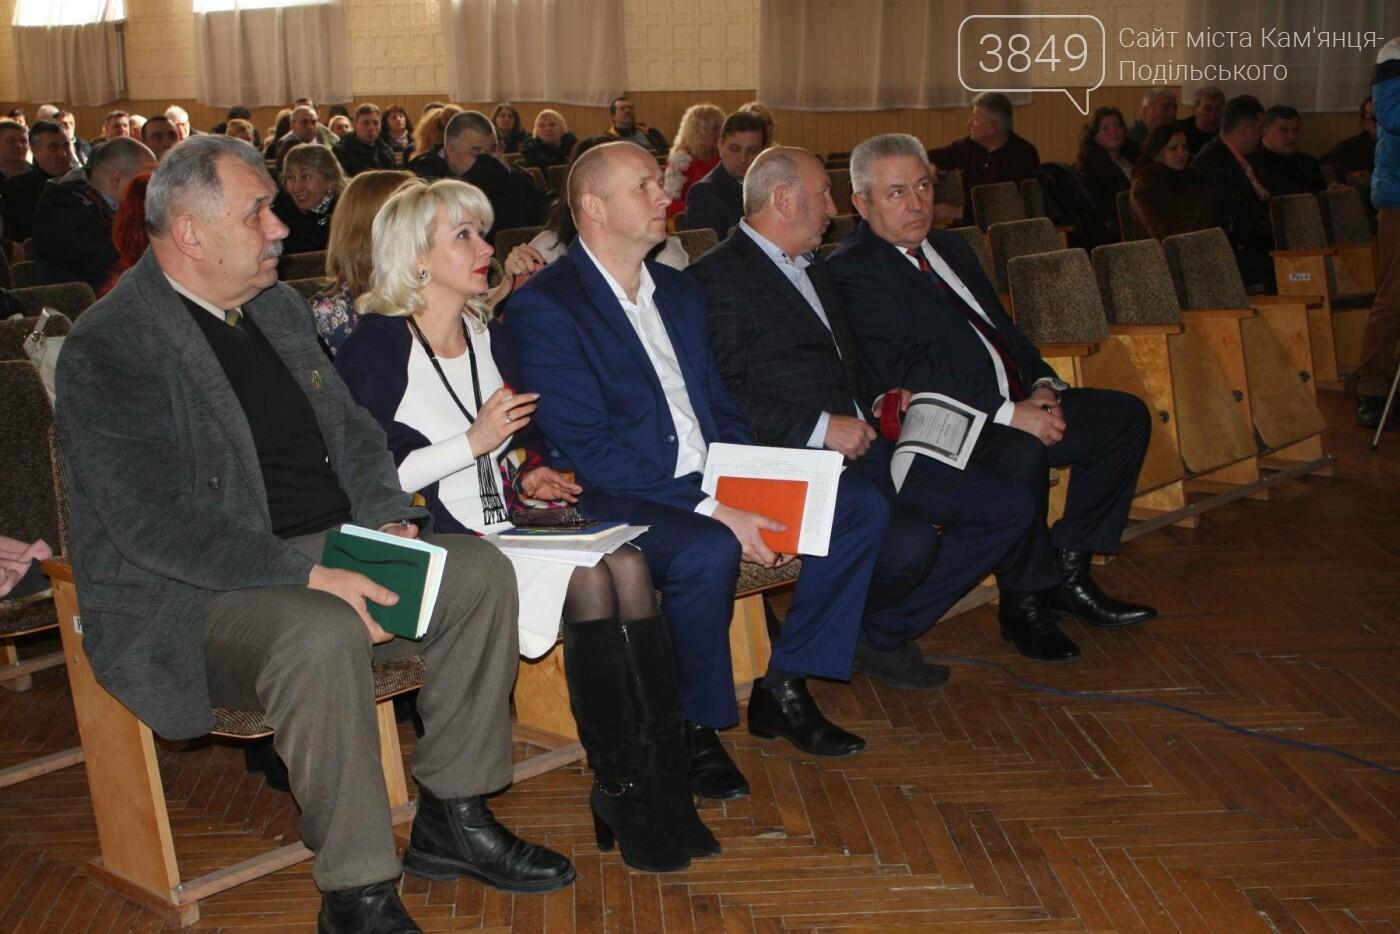 Подільський державний аграрно-технічний університет отримав нагороду «Золотий символ якості національних товарів та послуг», фото-11